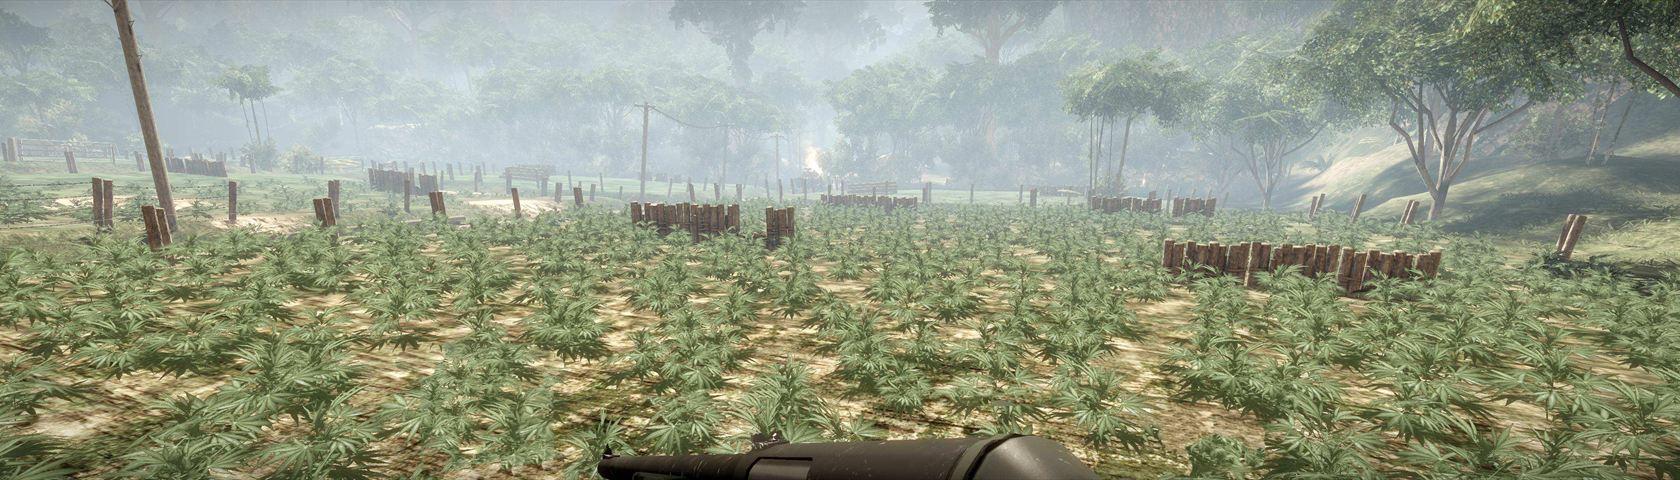 Battlefield Bad Company 2: In a Field